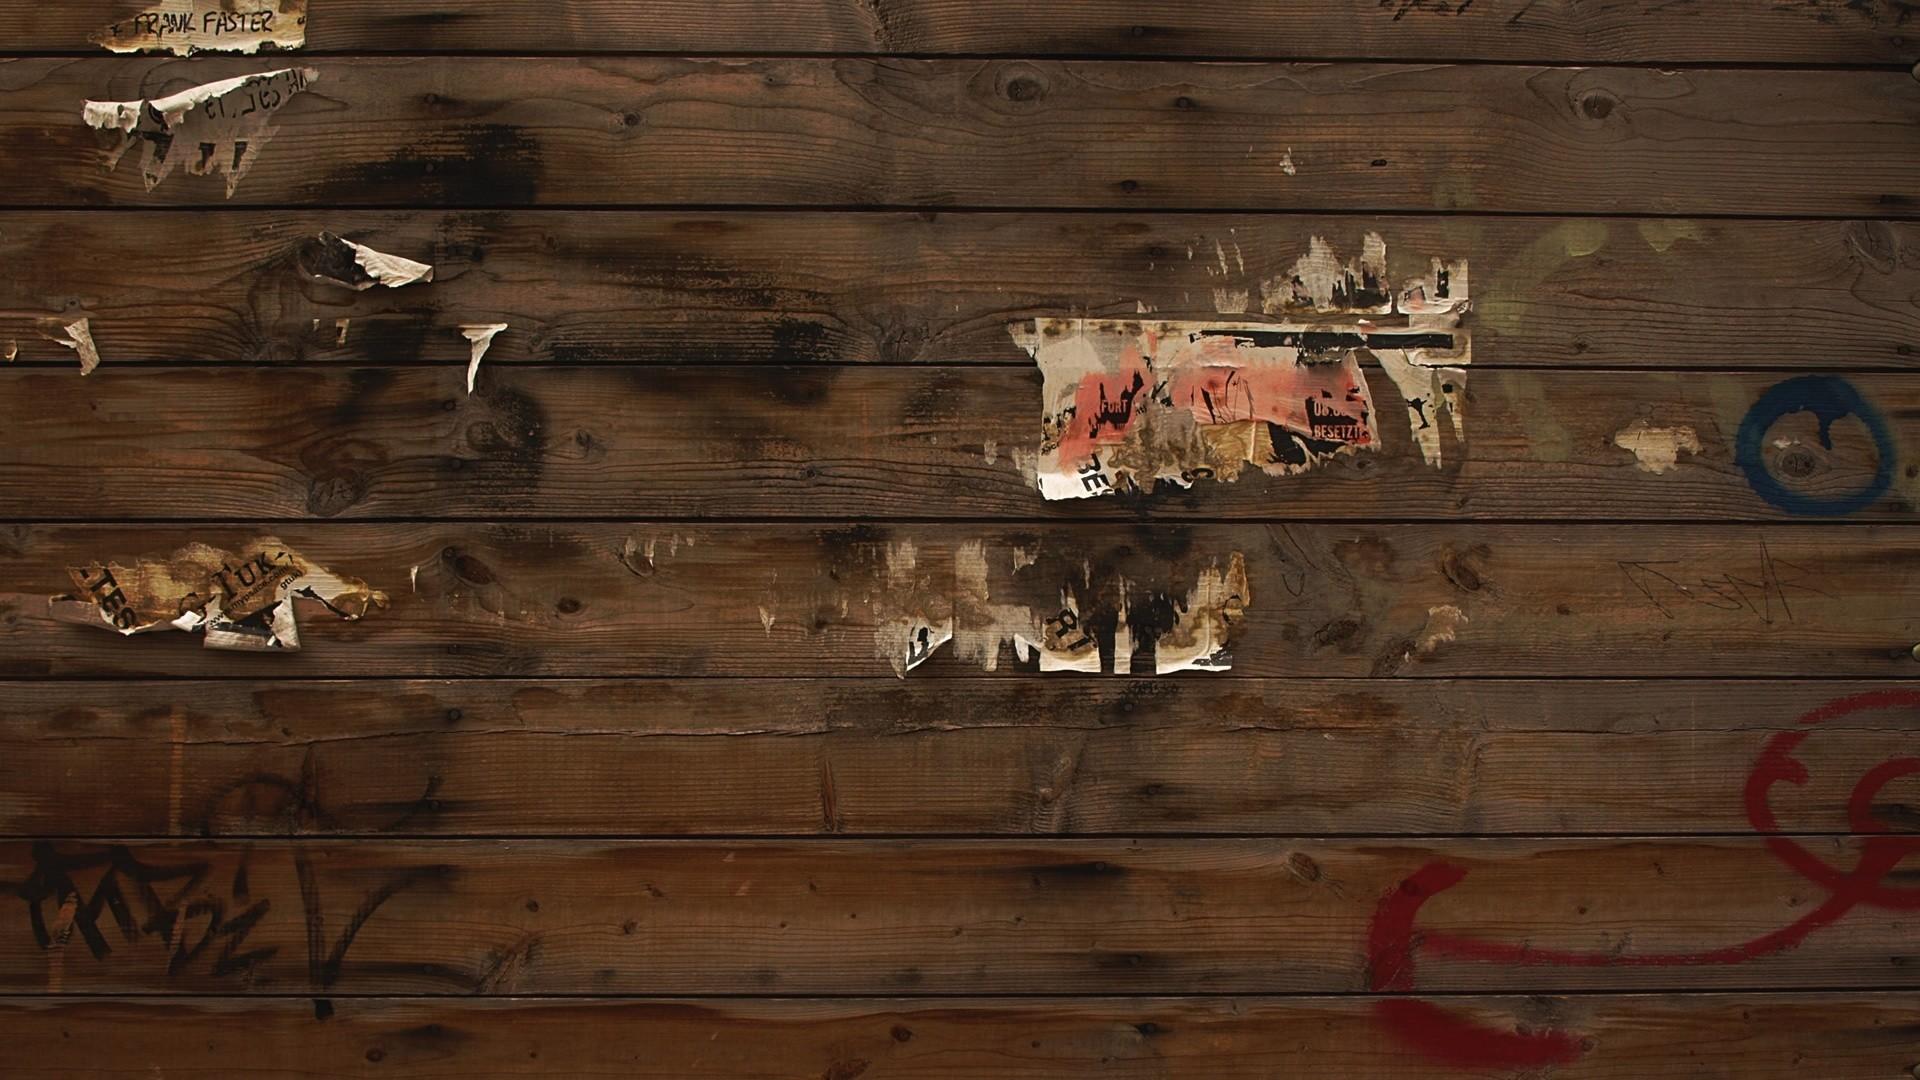 Rustic Download Wallpaper